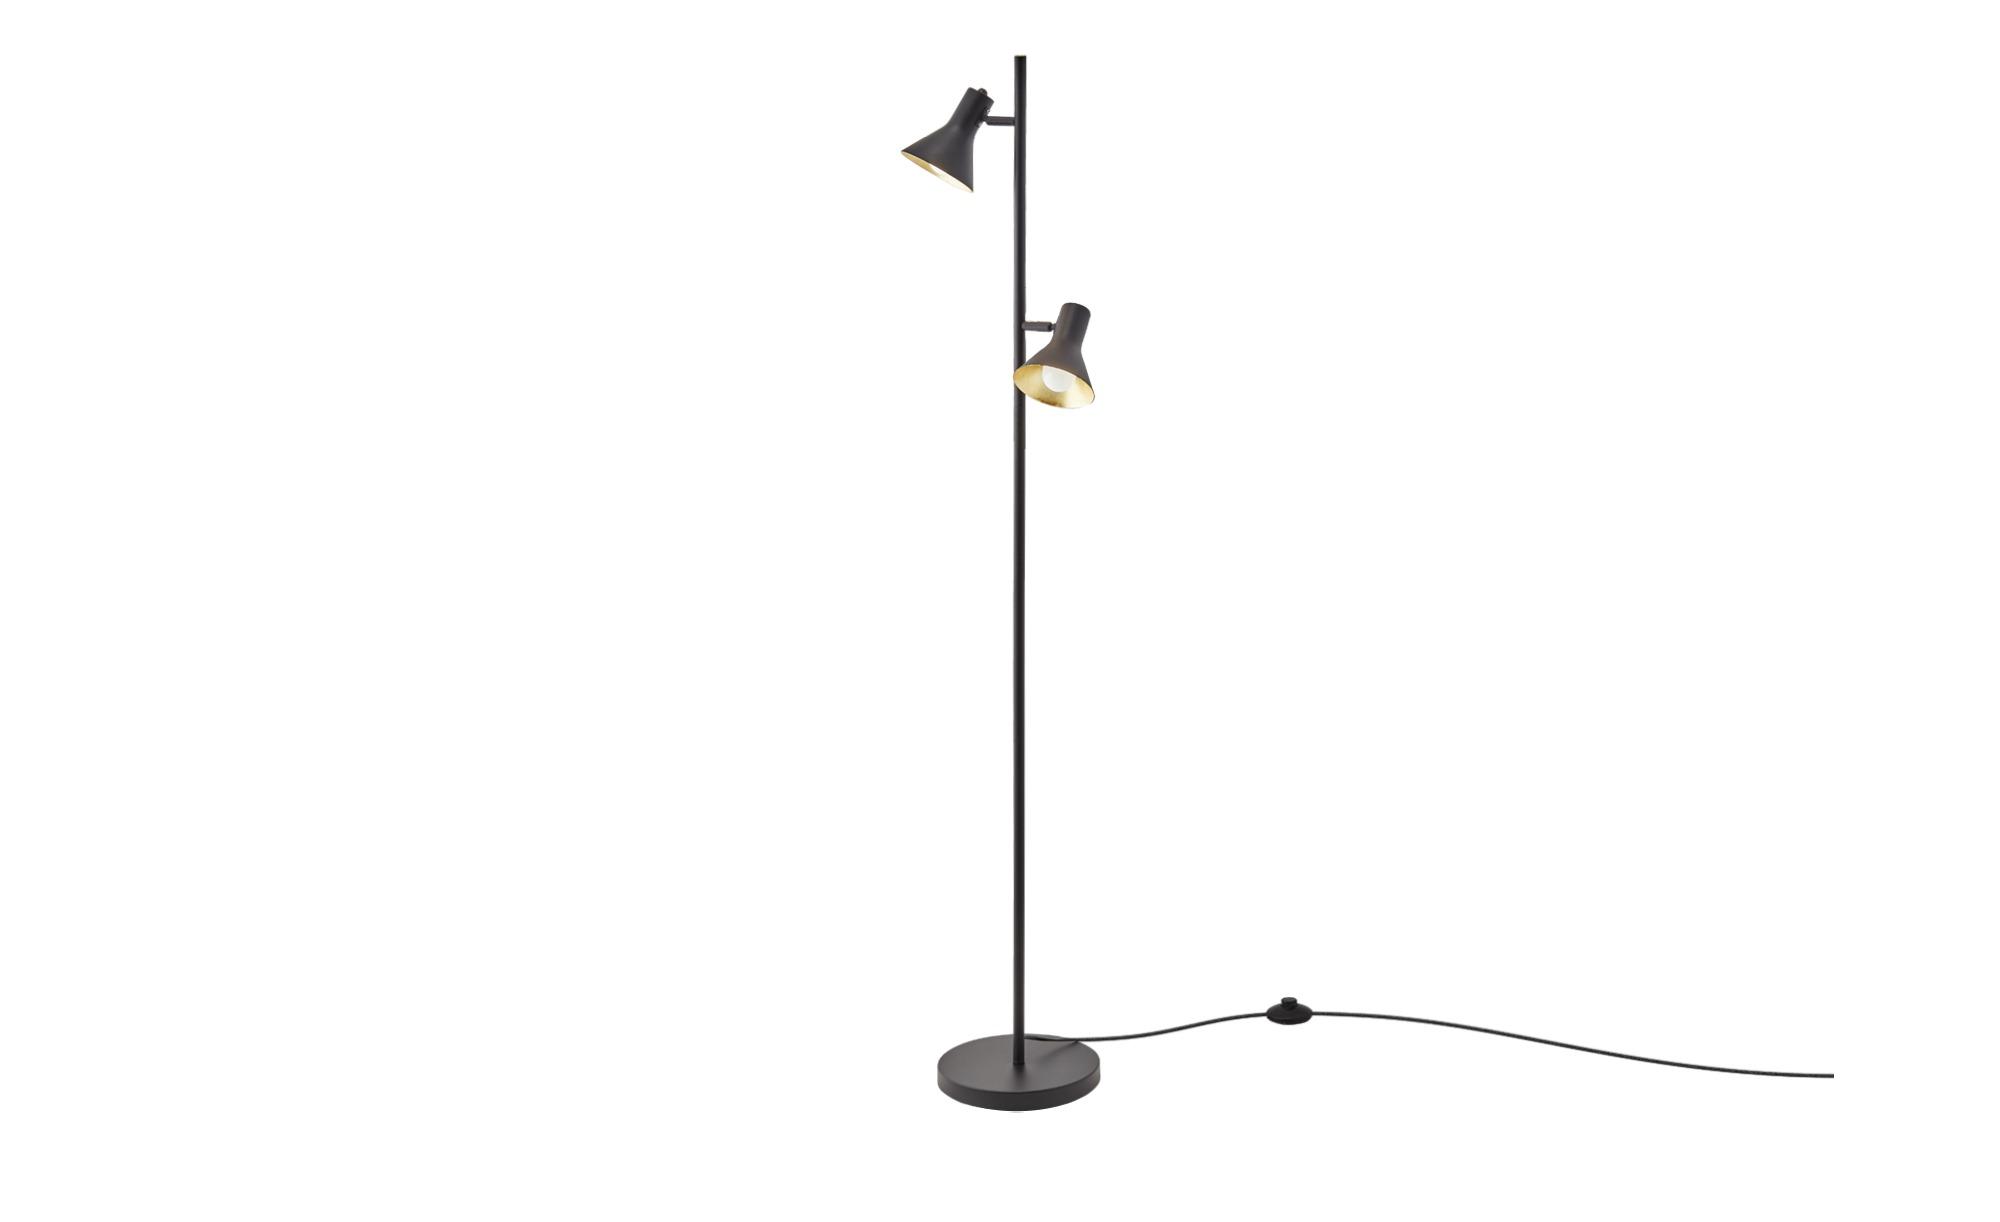 Trio Stehleuchte, 2-flammig, schwarz/goldfarb. ¦ schwarz ¦ Maße (cm): H: 144 Ø: 23 Lampen & Leuchten > Innenleuchten > Stehlampen - Höffner